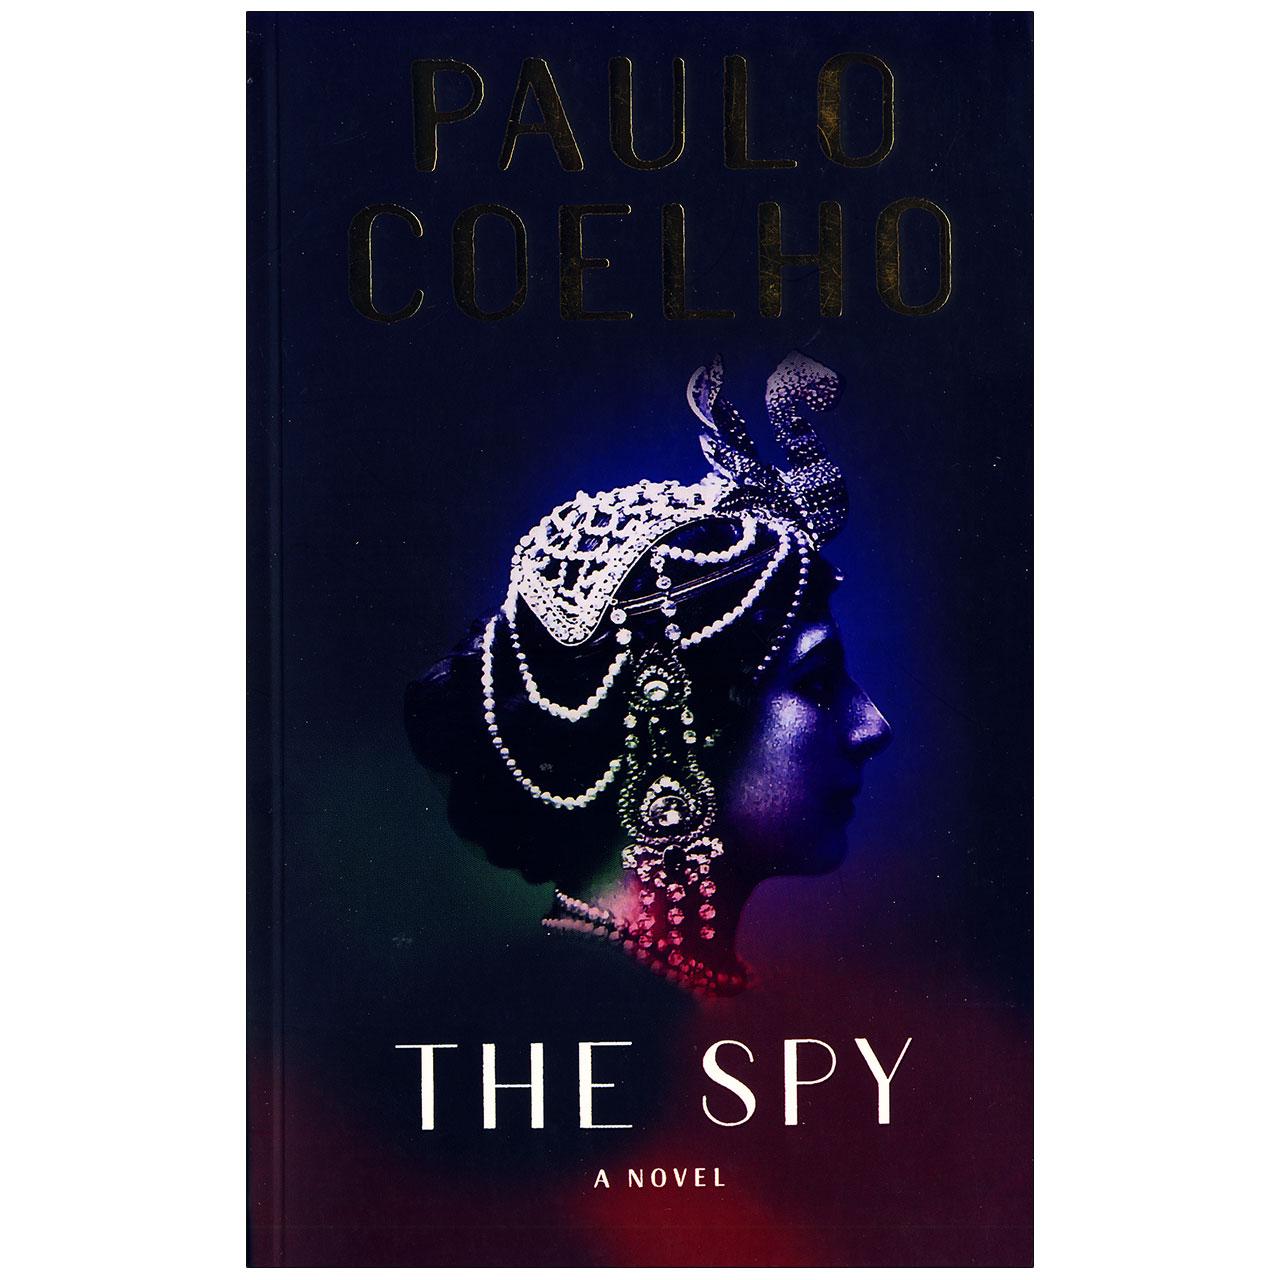 کتاب The Spy اثر paulo coelho انتشارات Knopf